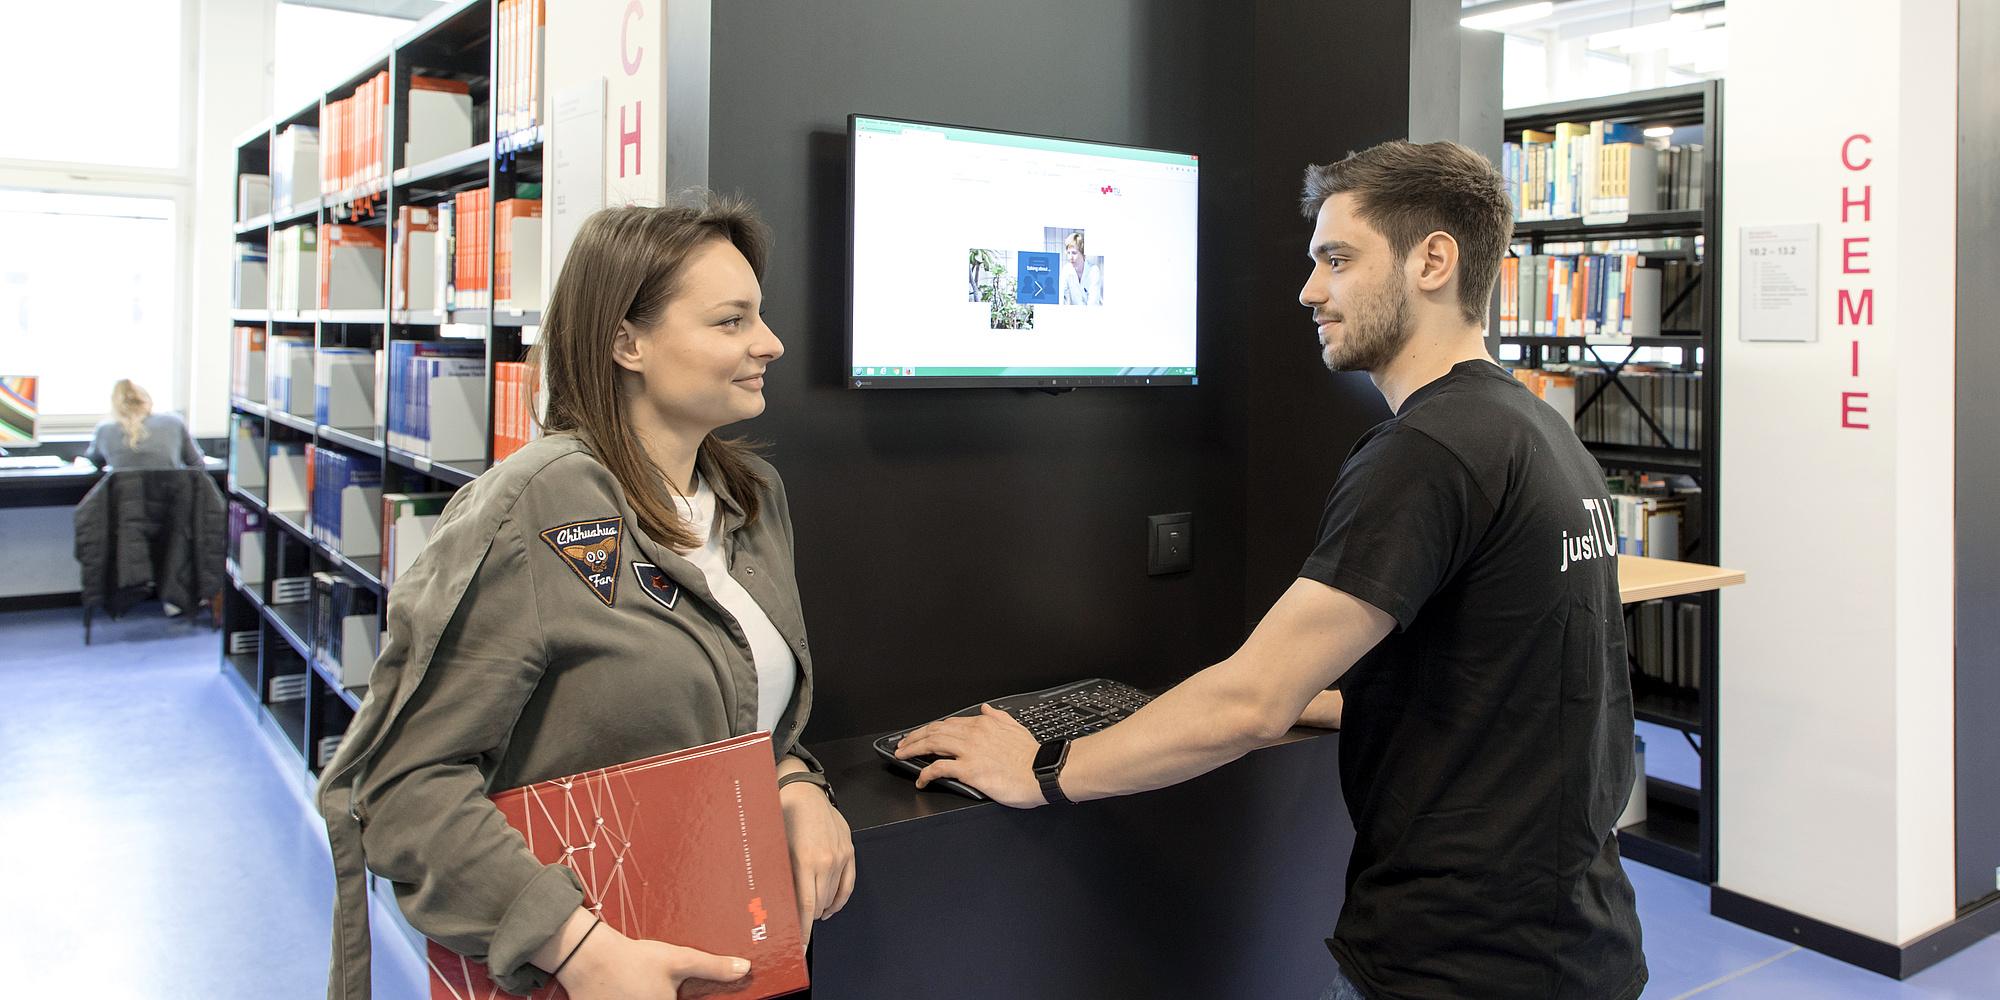 Eine Studentin und ein Student stehen an einem Bildschirm in einer Bibliothek.